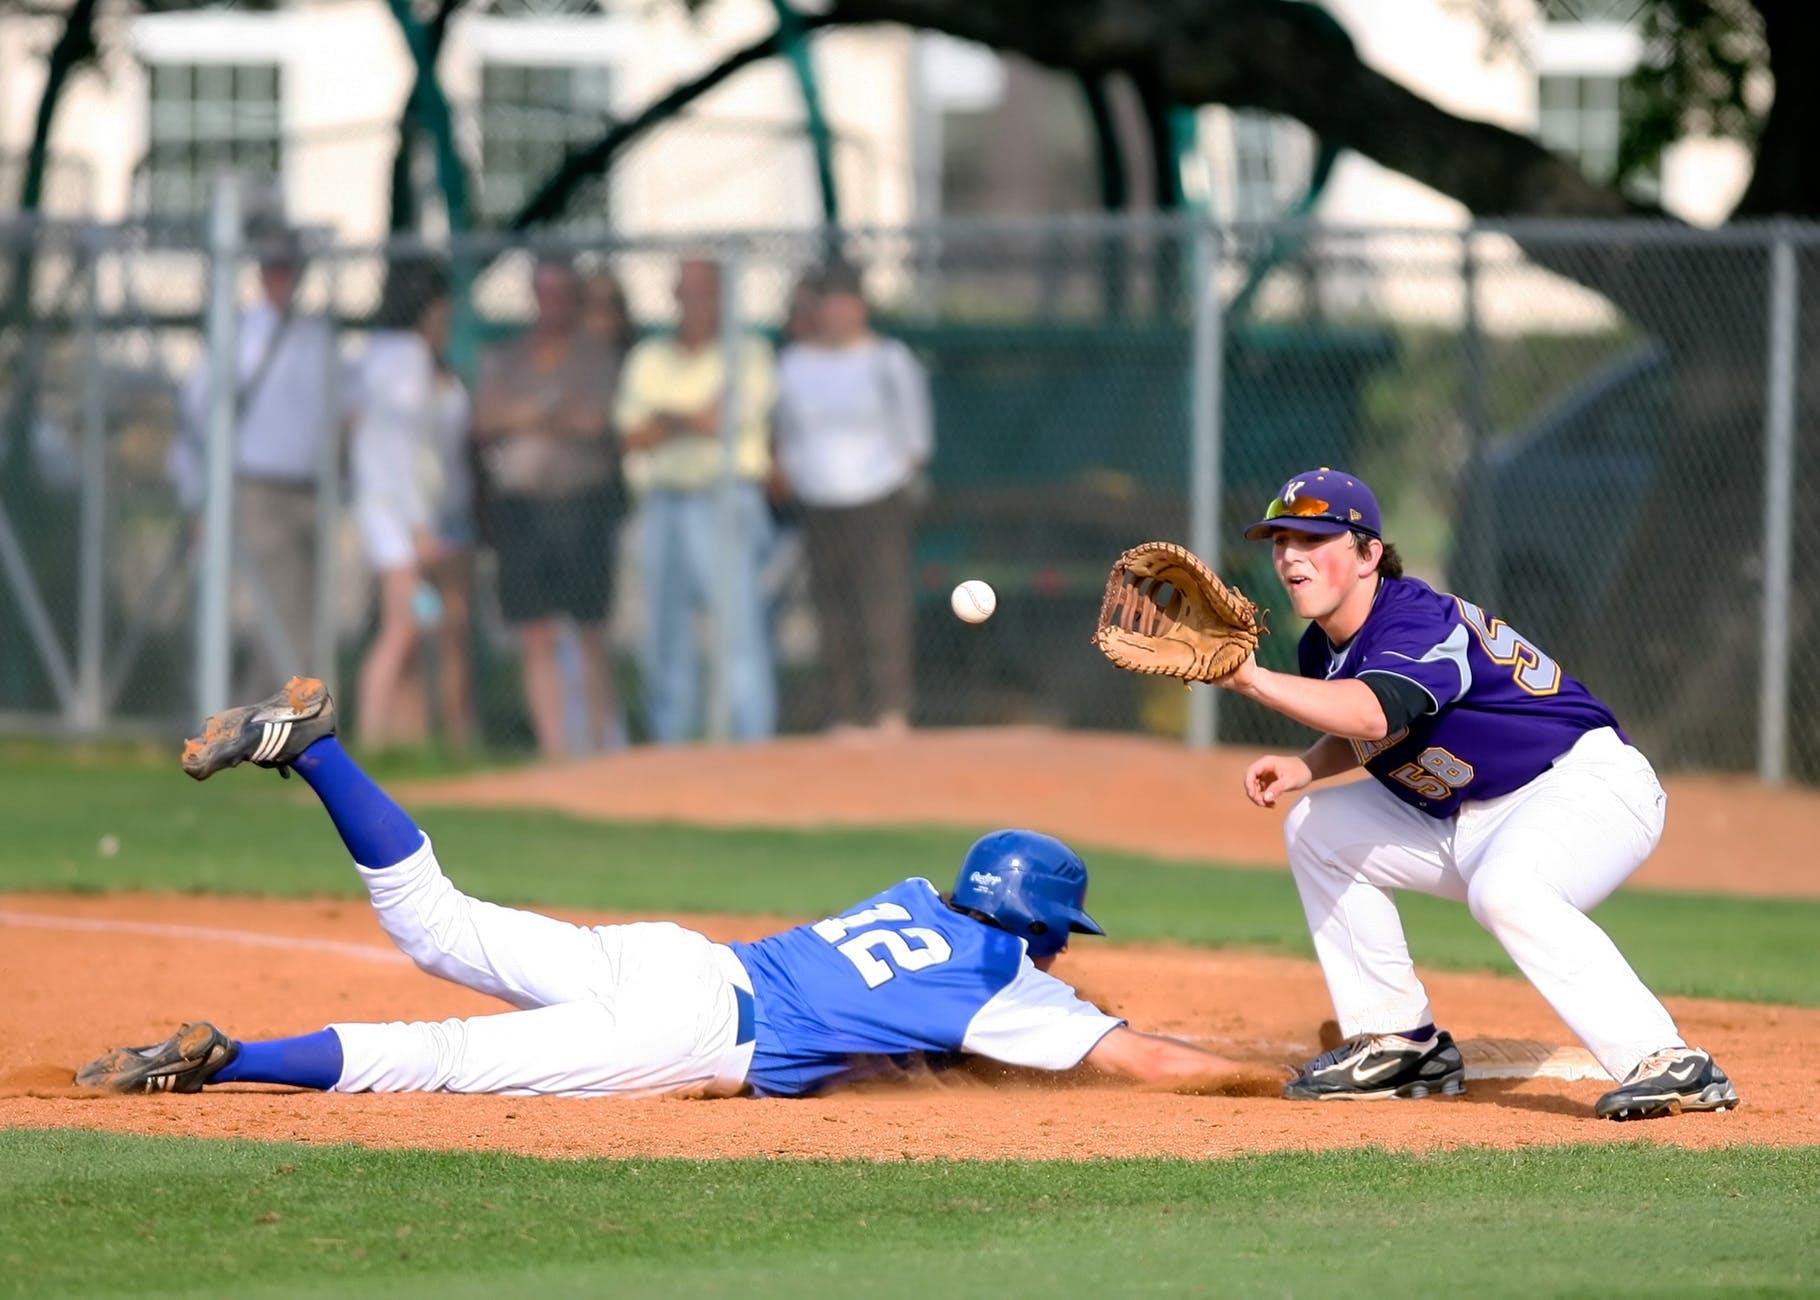 two man playing baseball during daytime